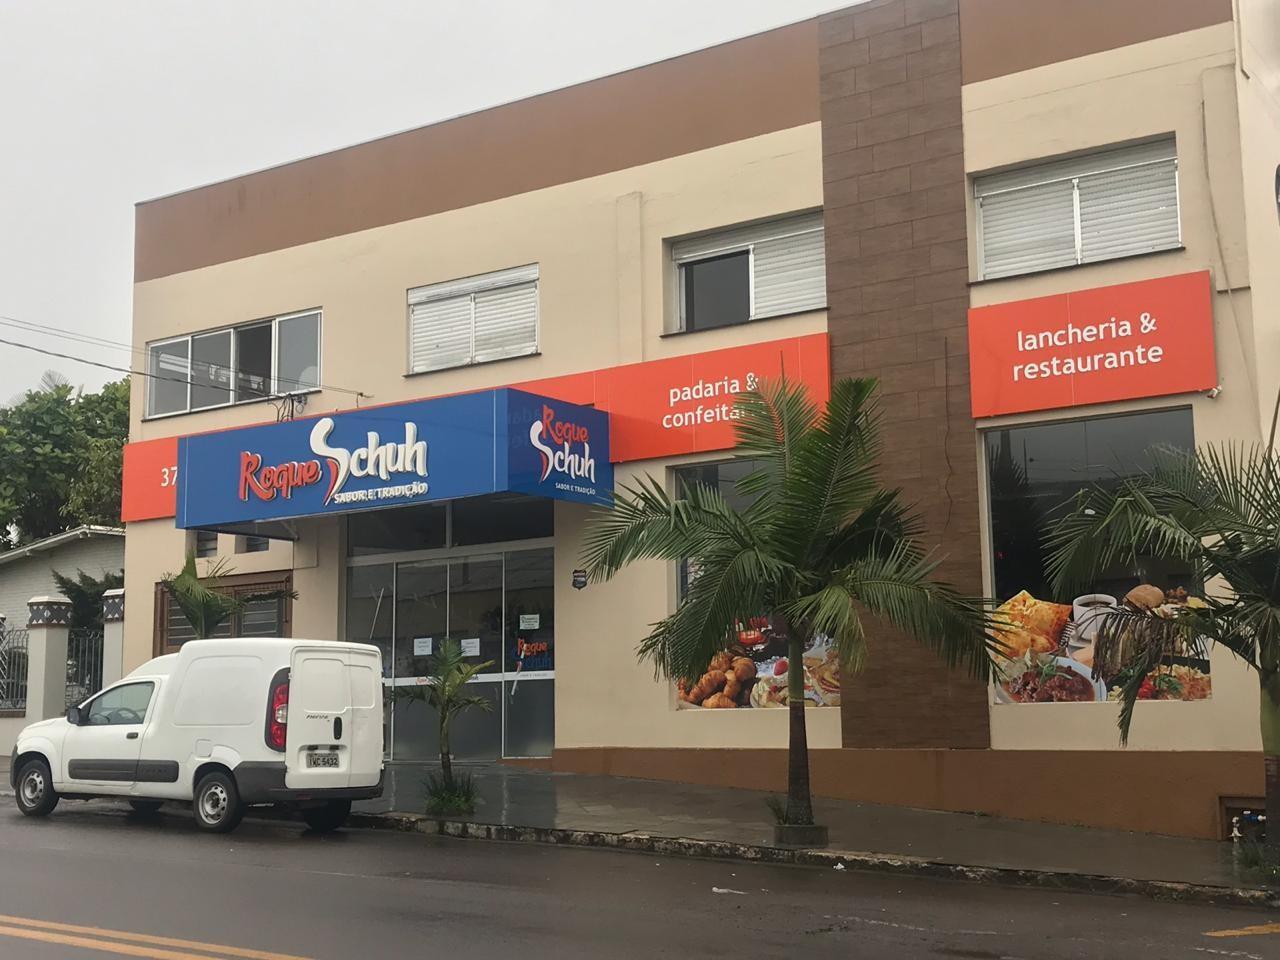 Suspeito de atirar contra dono de padaria morto em Vera Cruz se apresenta à polícia, nega crime e é preso - Notícias - Plantão Diário